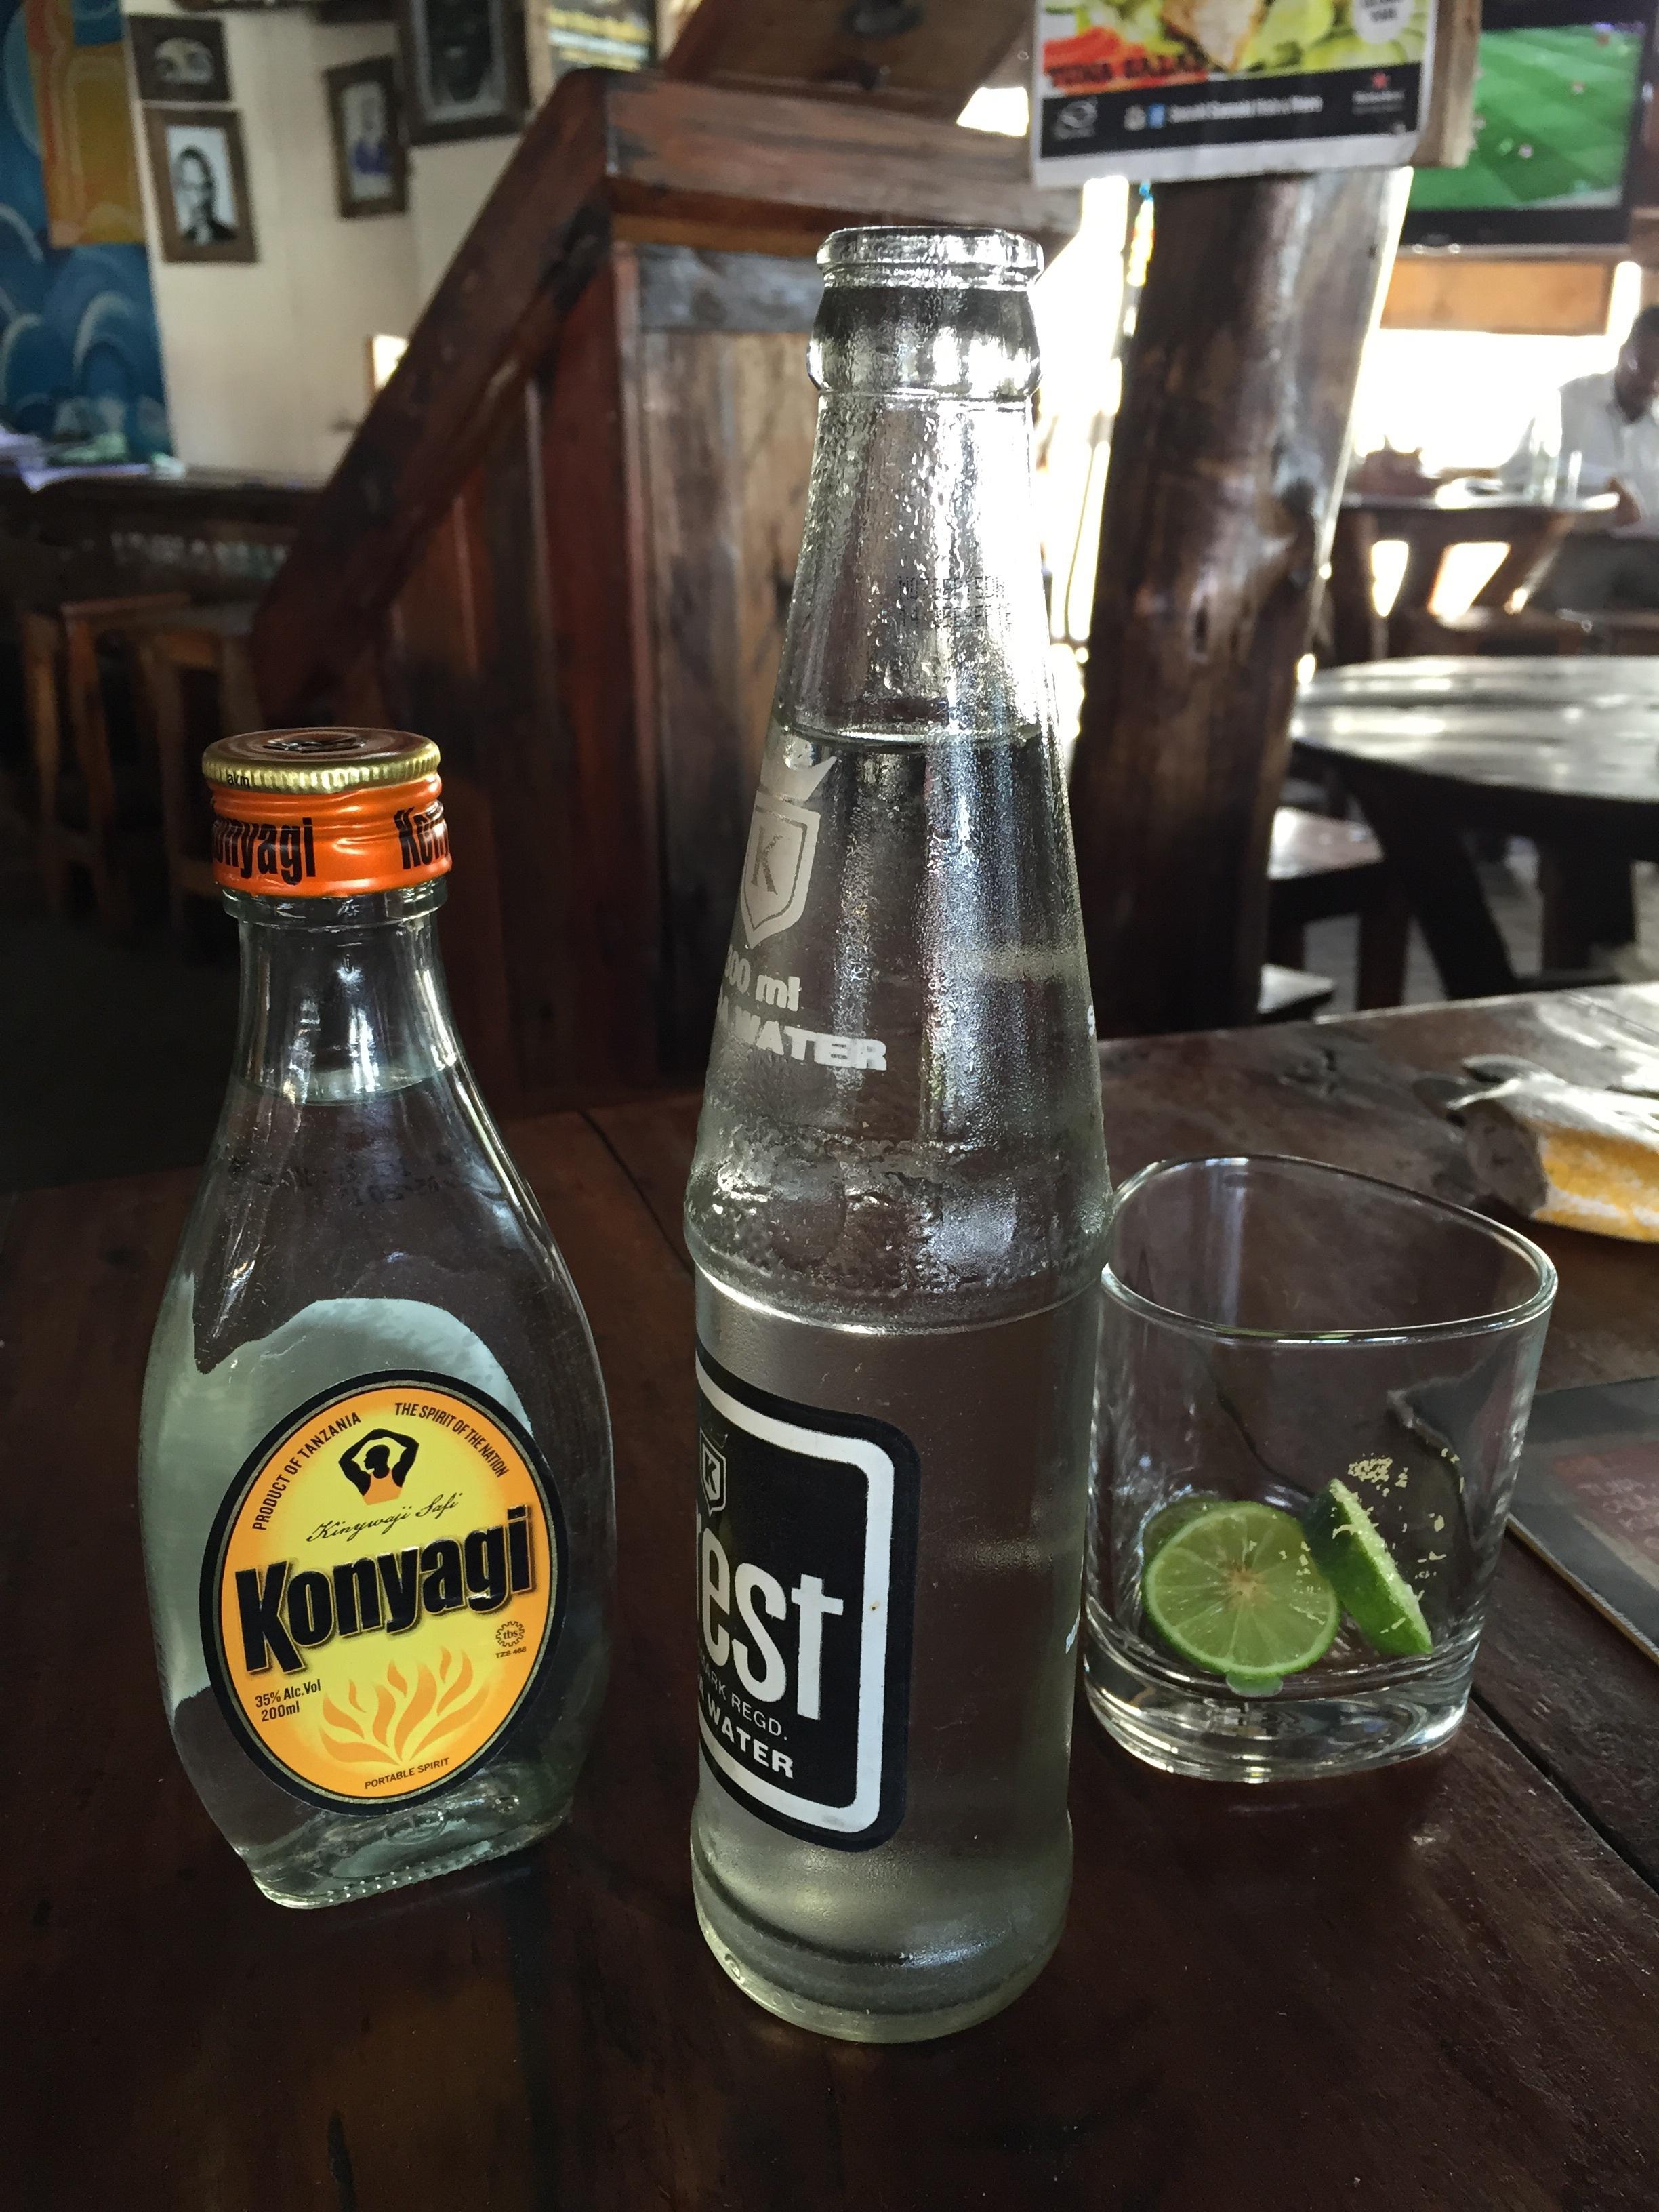 My new favorite drink. It taste a lot like vodka.